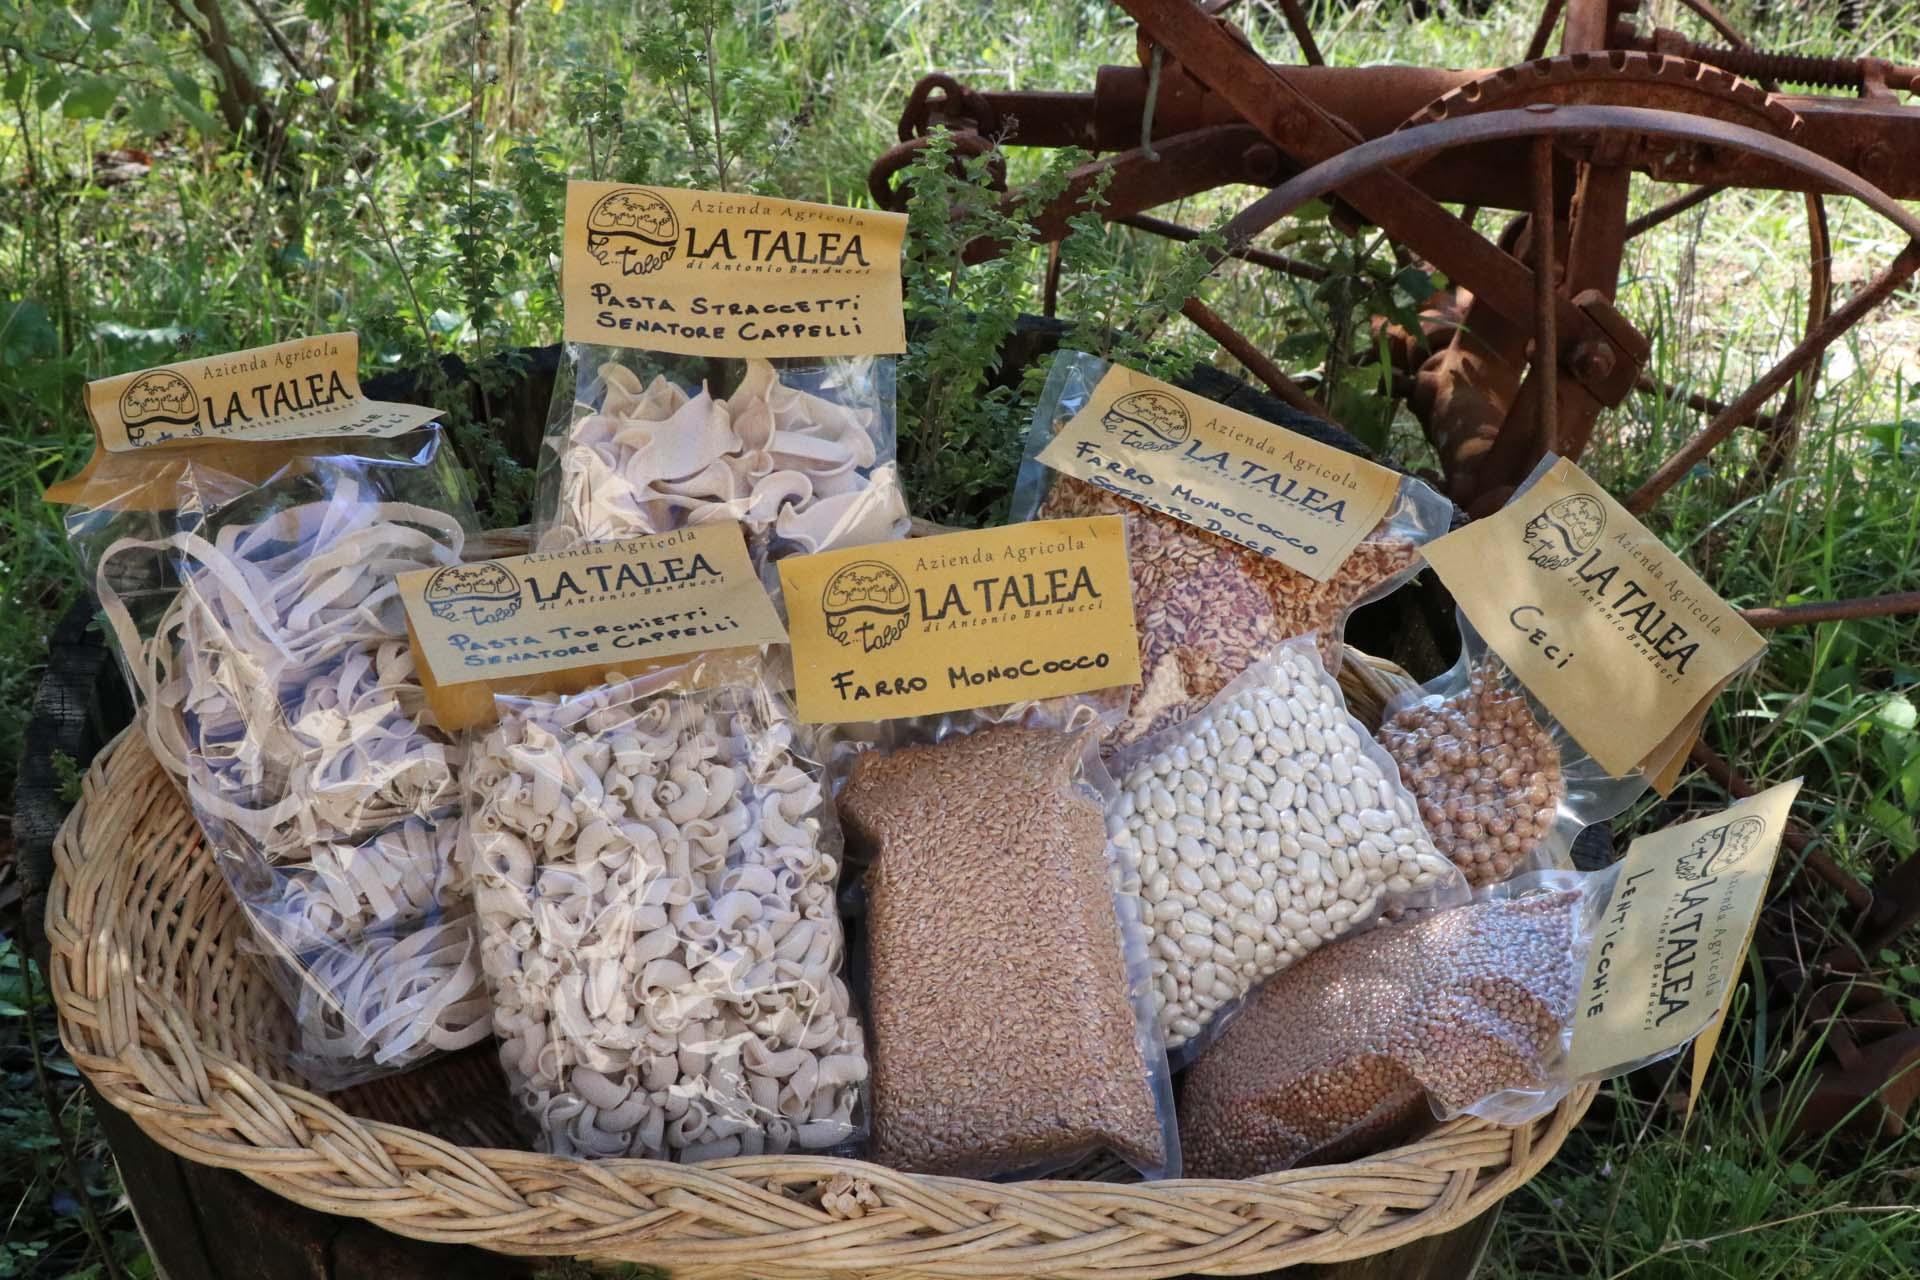 Pasta, farine e legumi tutti rigorosamente naturali.